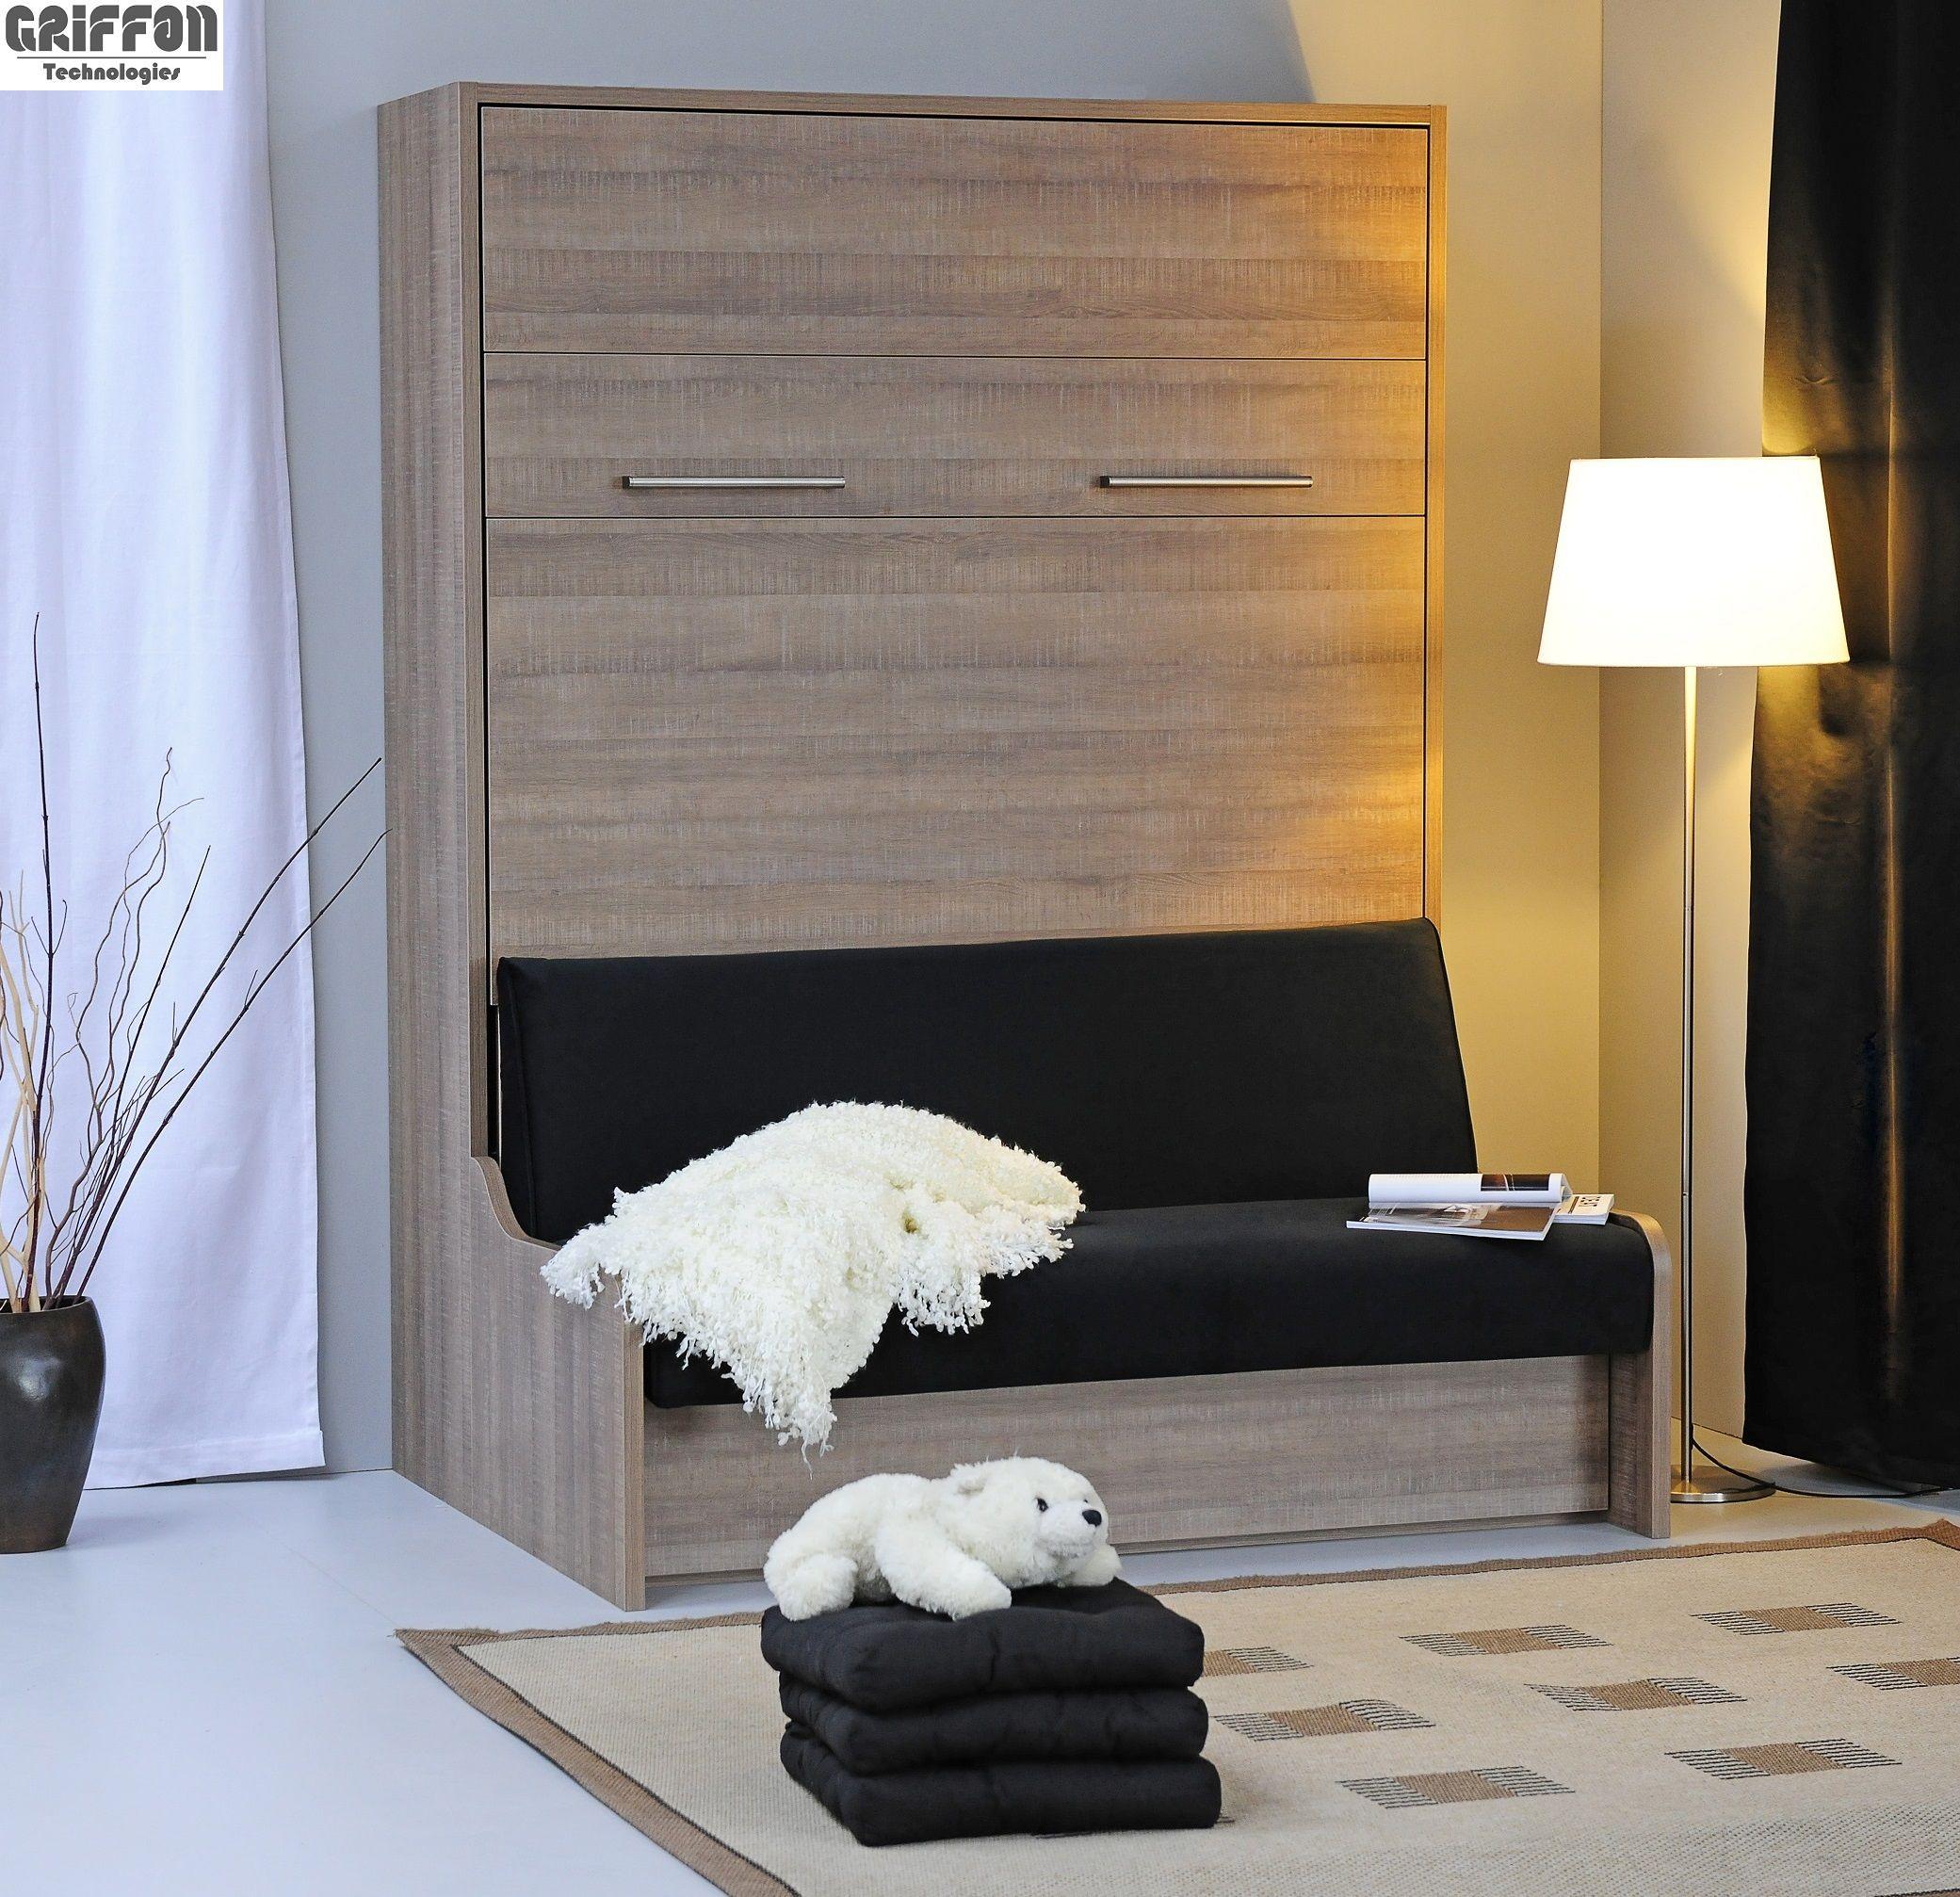 Le Lit Escamotable Canape Premium Sofa Est L Un De Nos Best